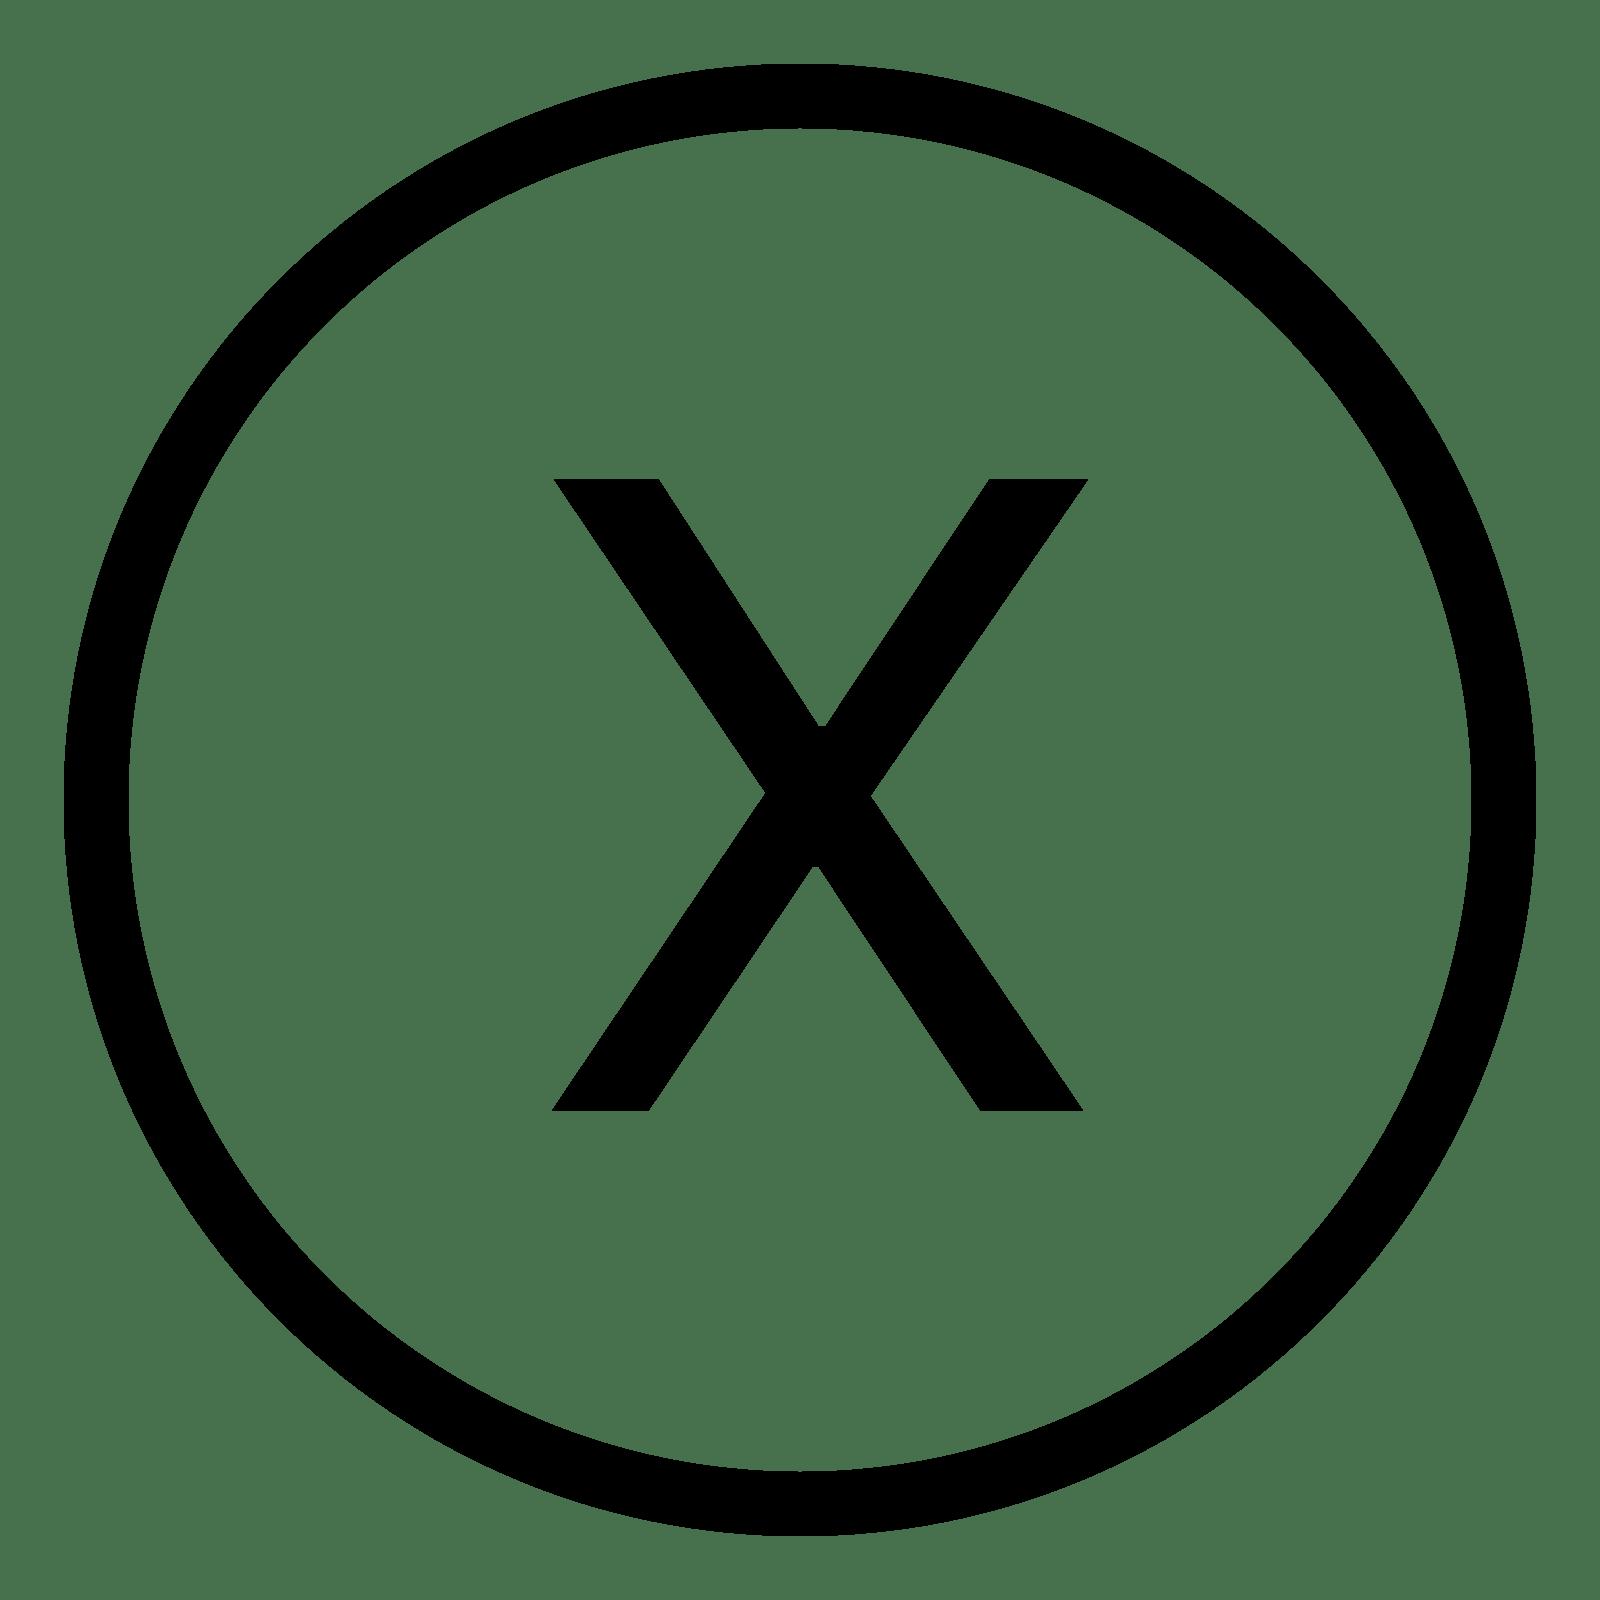 Xbox X Icon